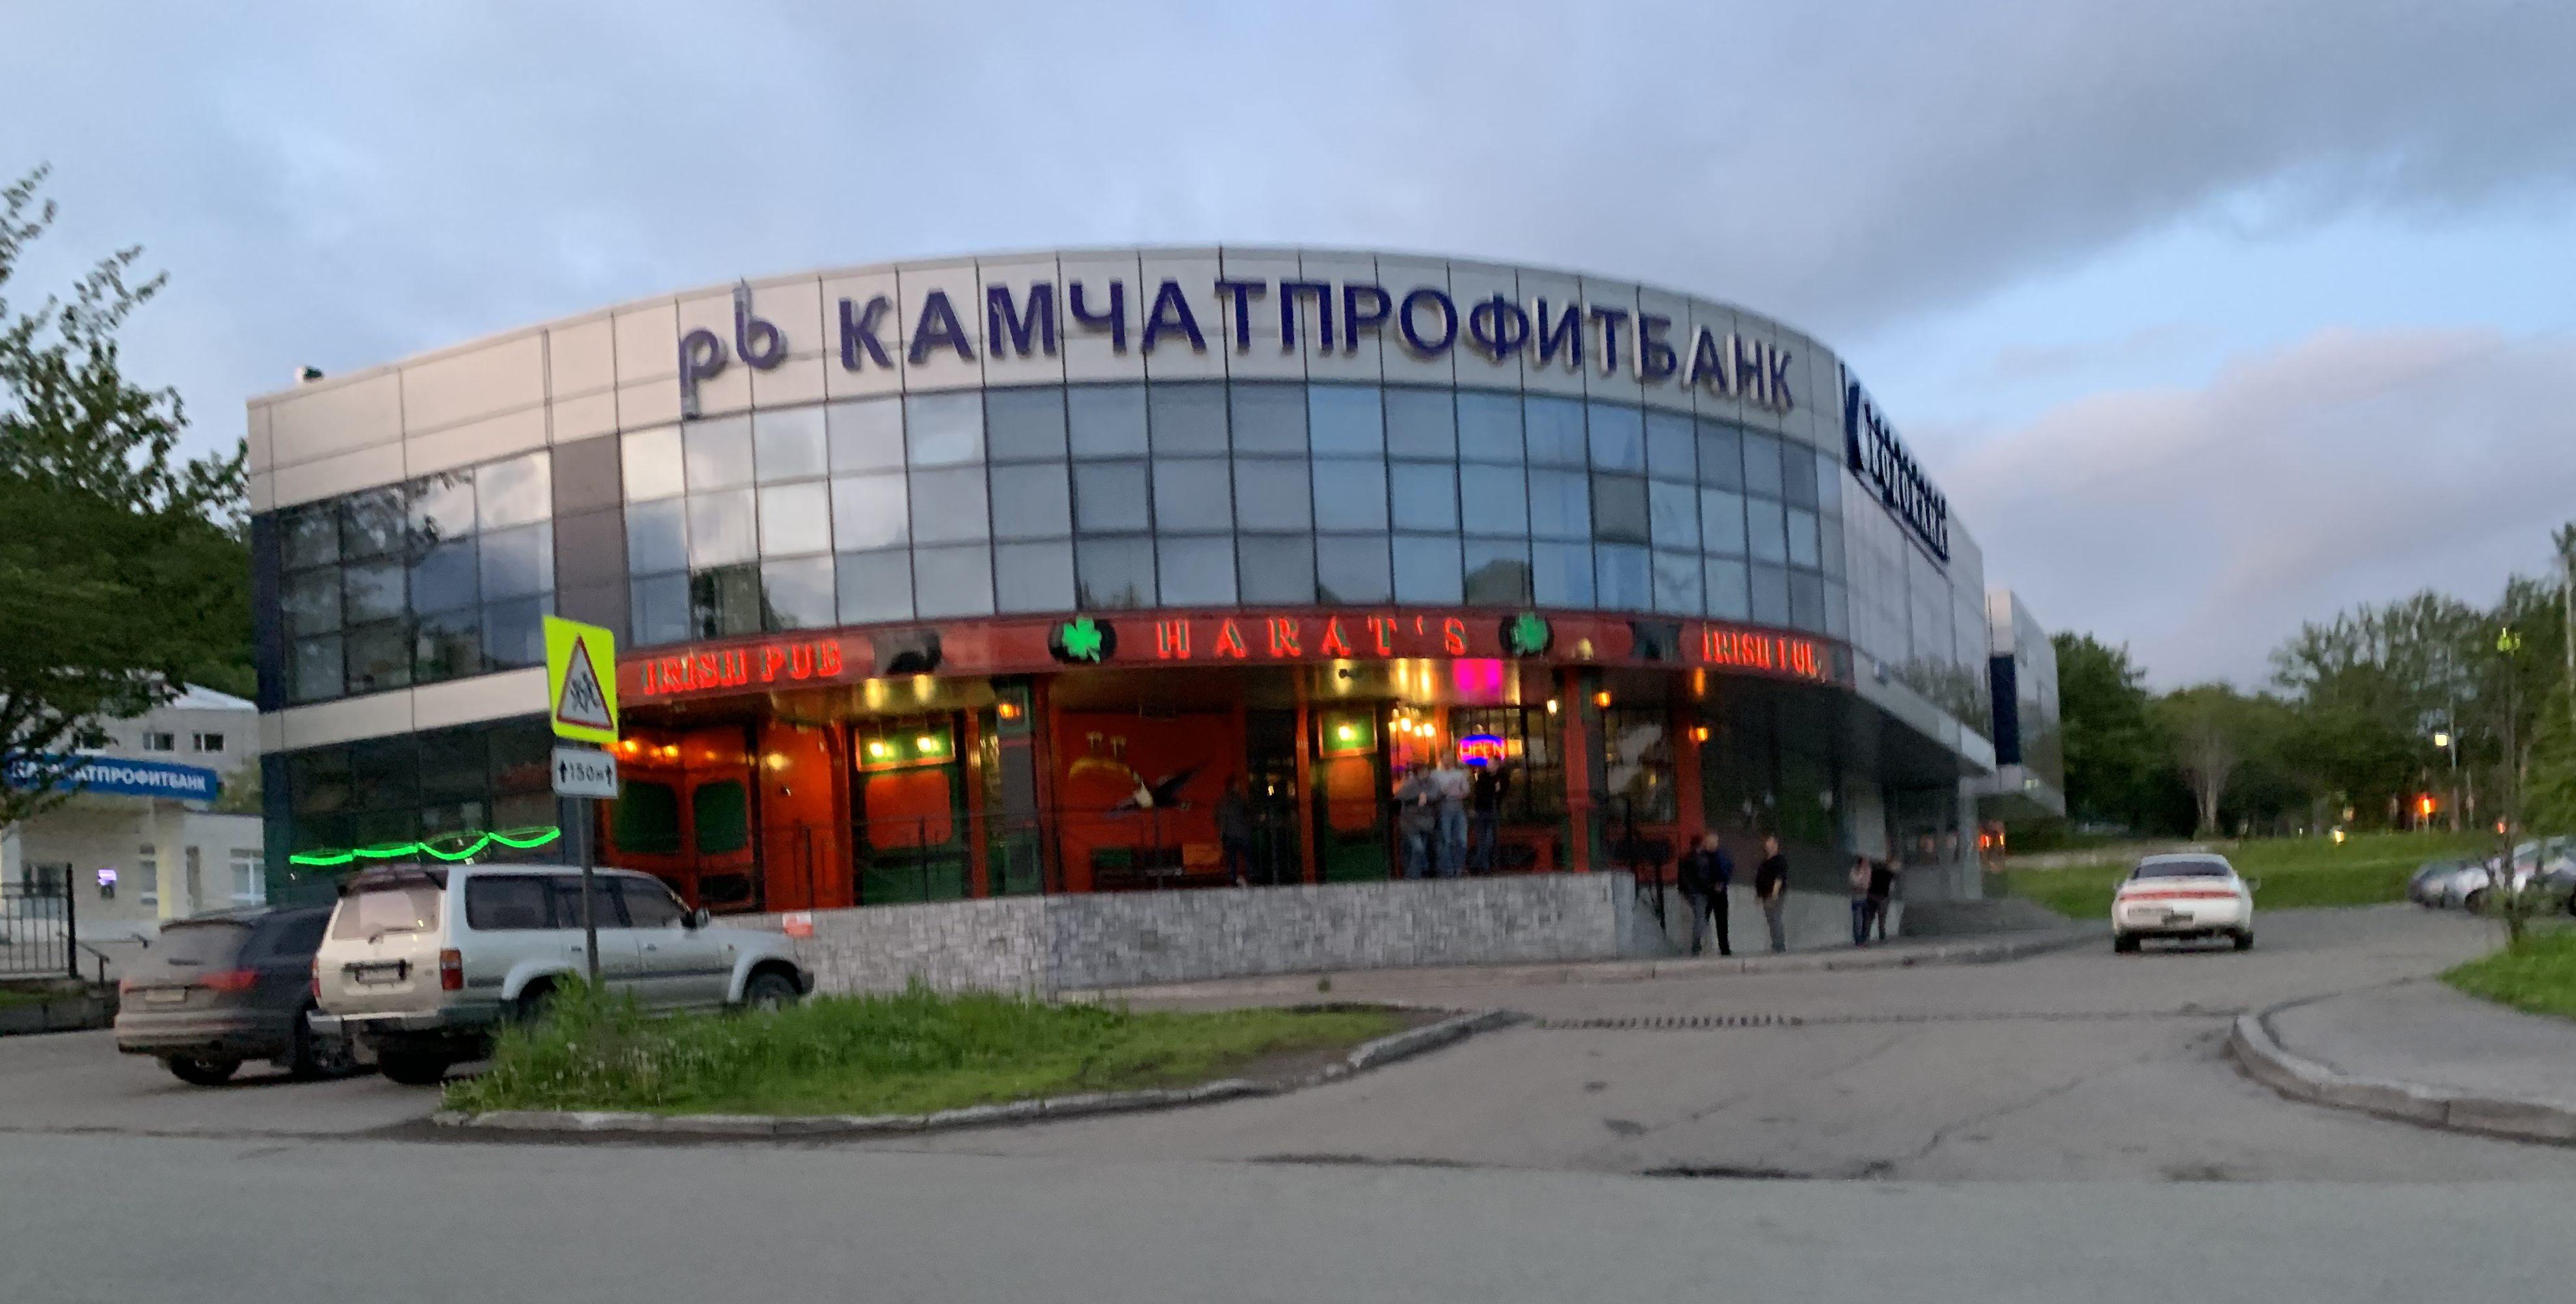 カムチャッカのライブハウス